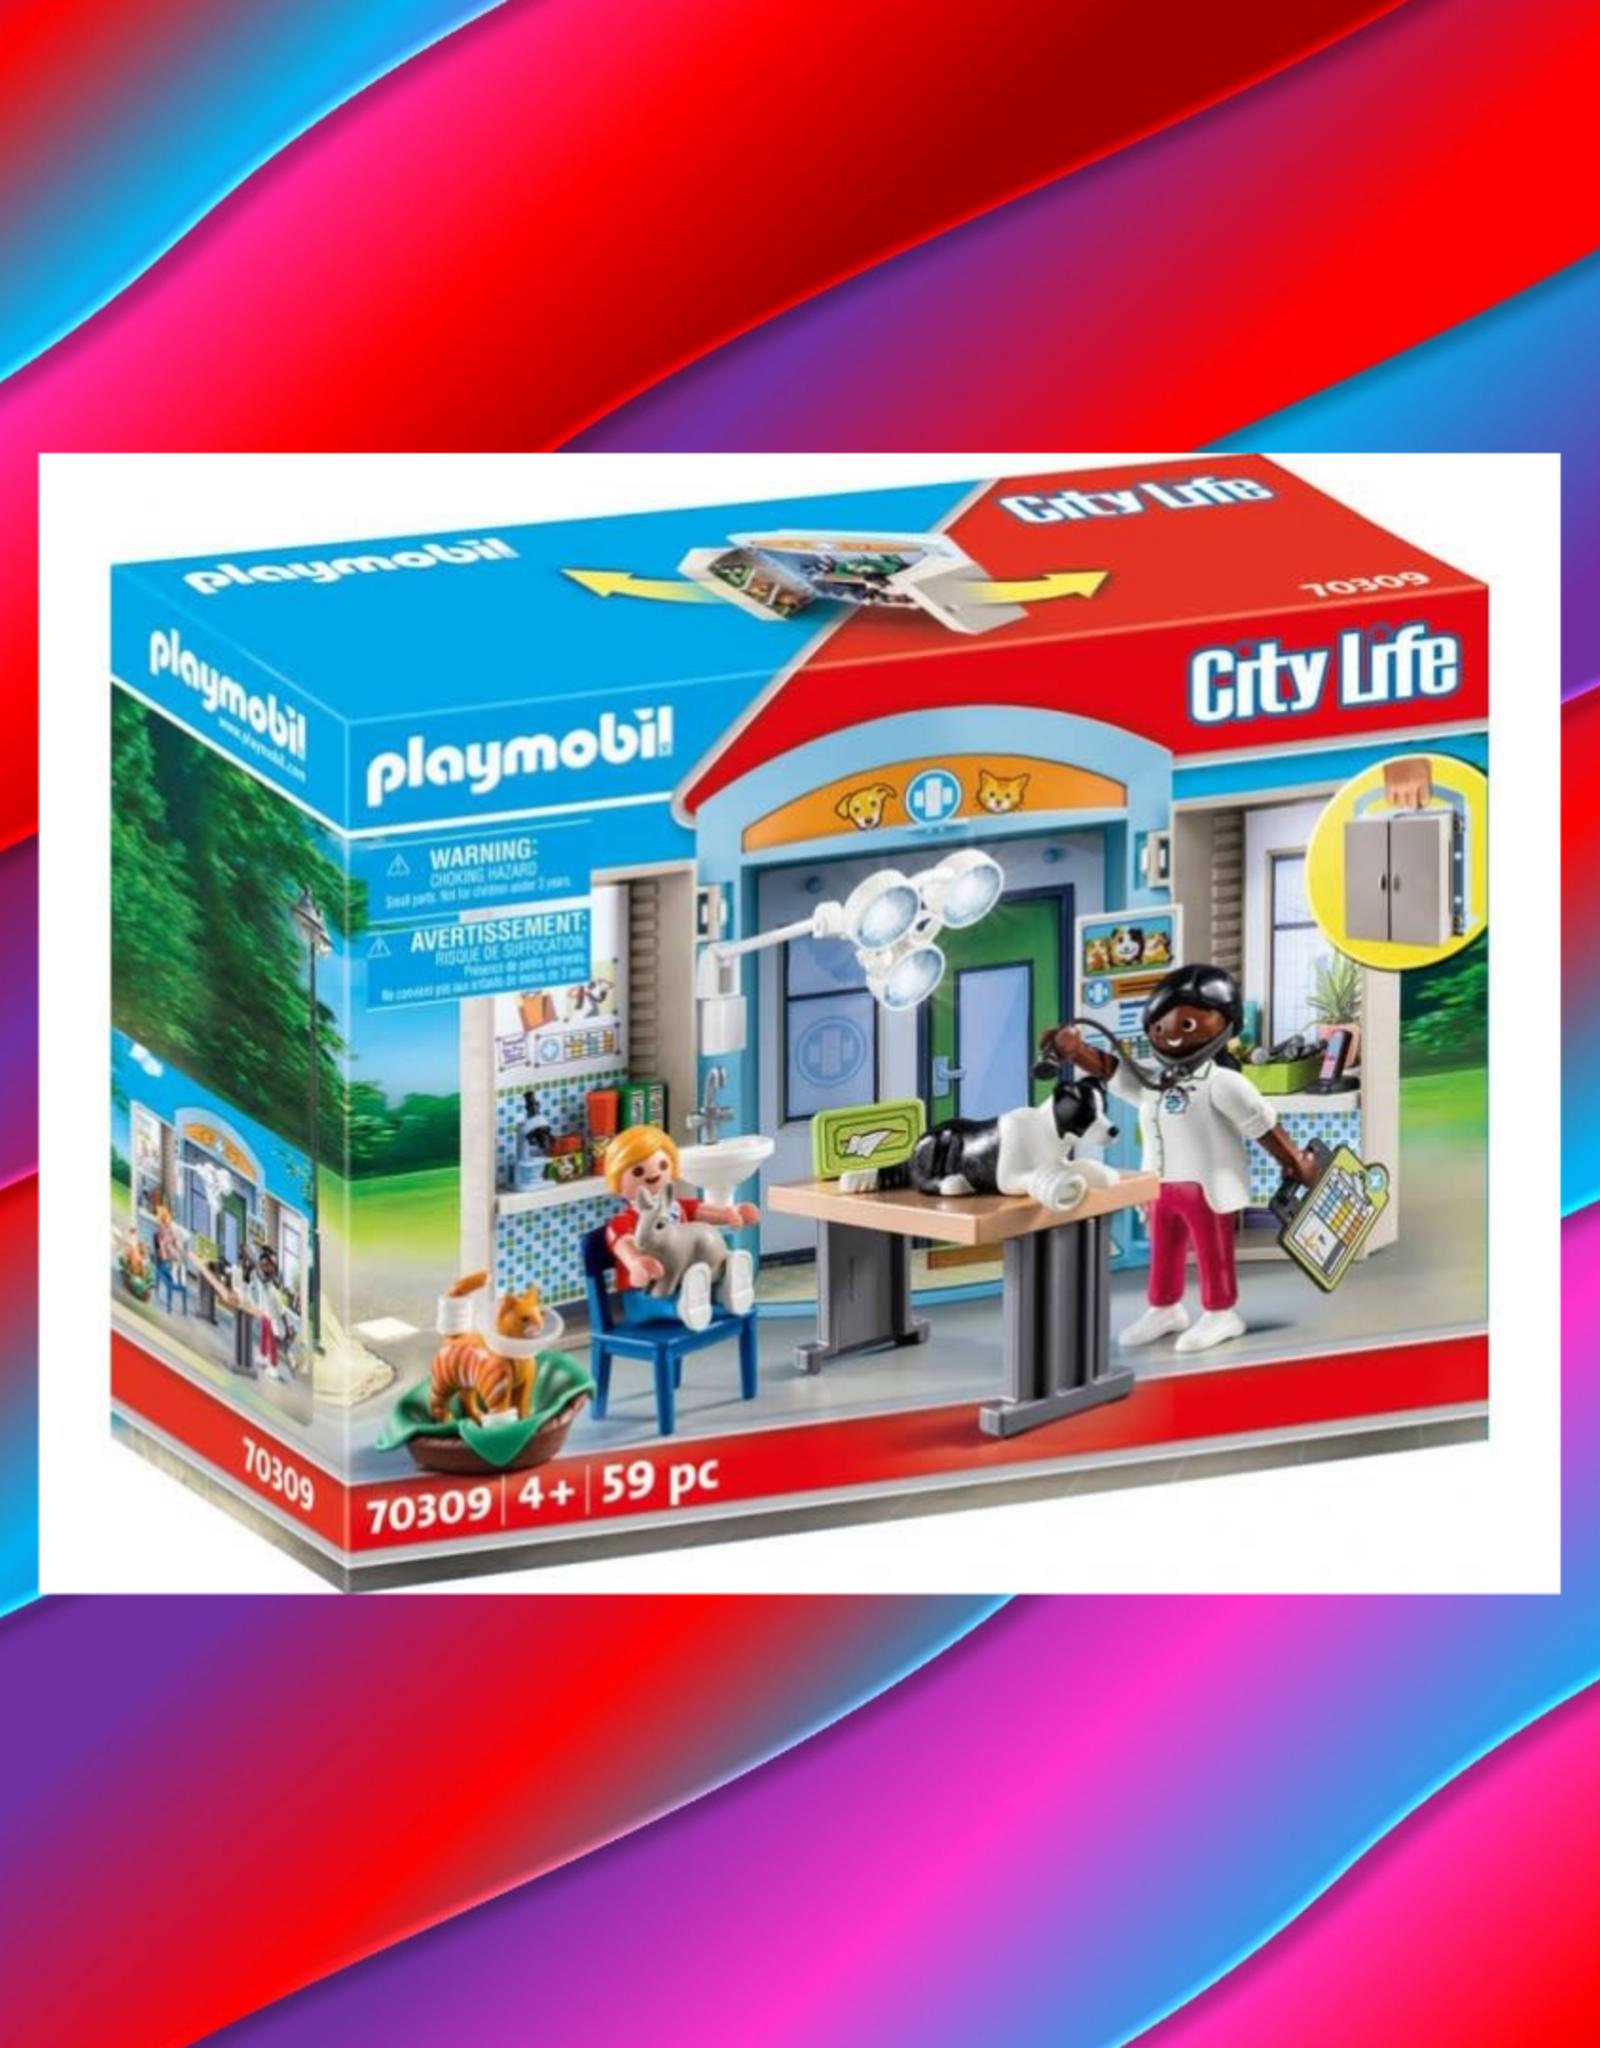 PLAYMOBIL VET CLINIC PLAY BOX